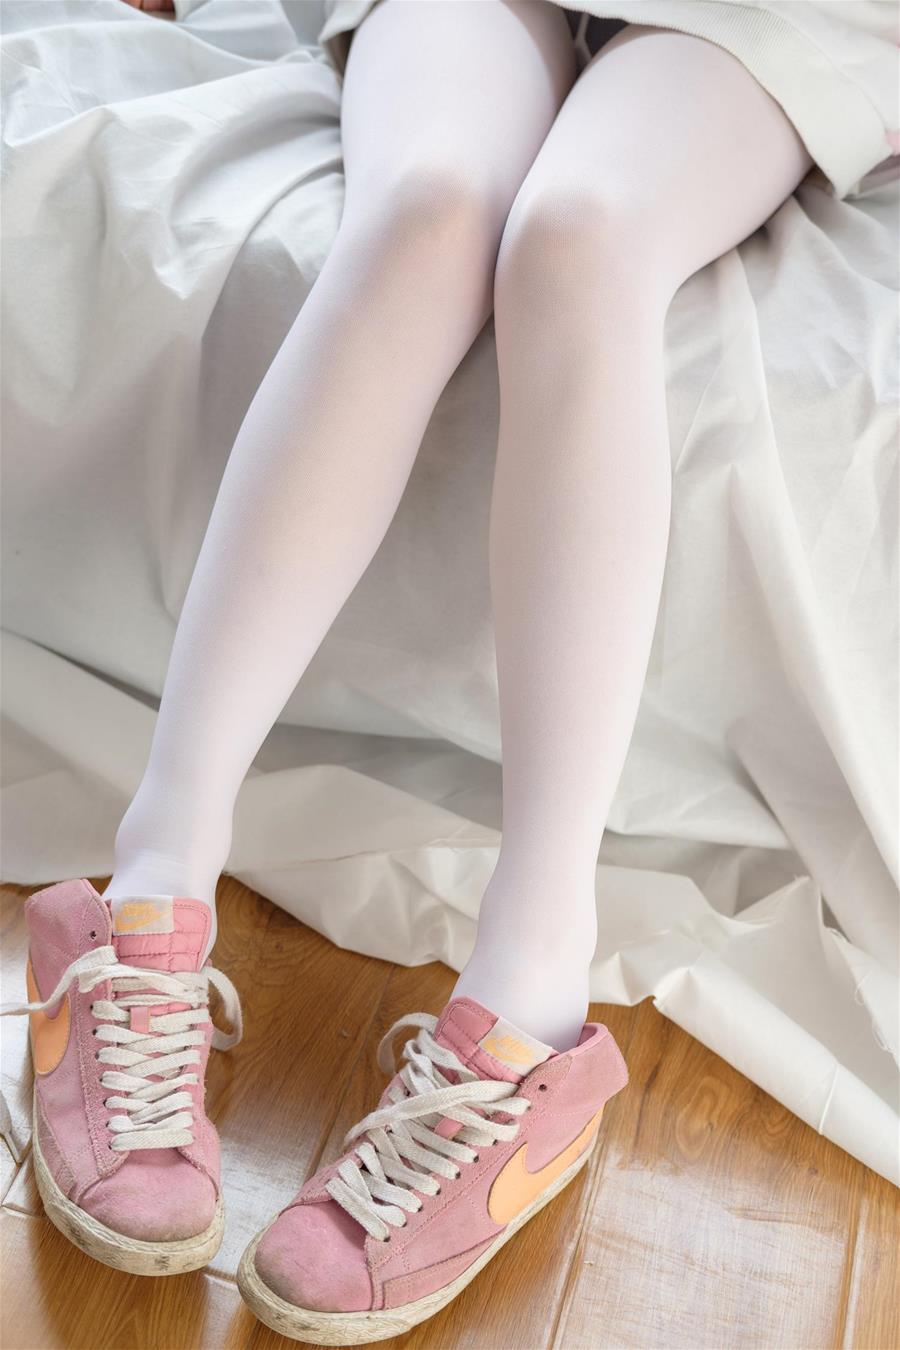 森萝财团 X-009 粉嫩粉嫩的丝秀 [120P1V-1.49GB] 森萝财团-第2张